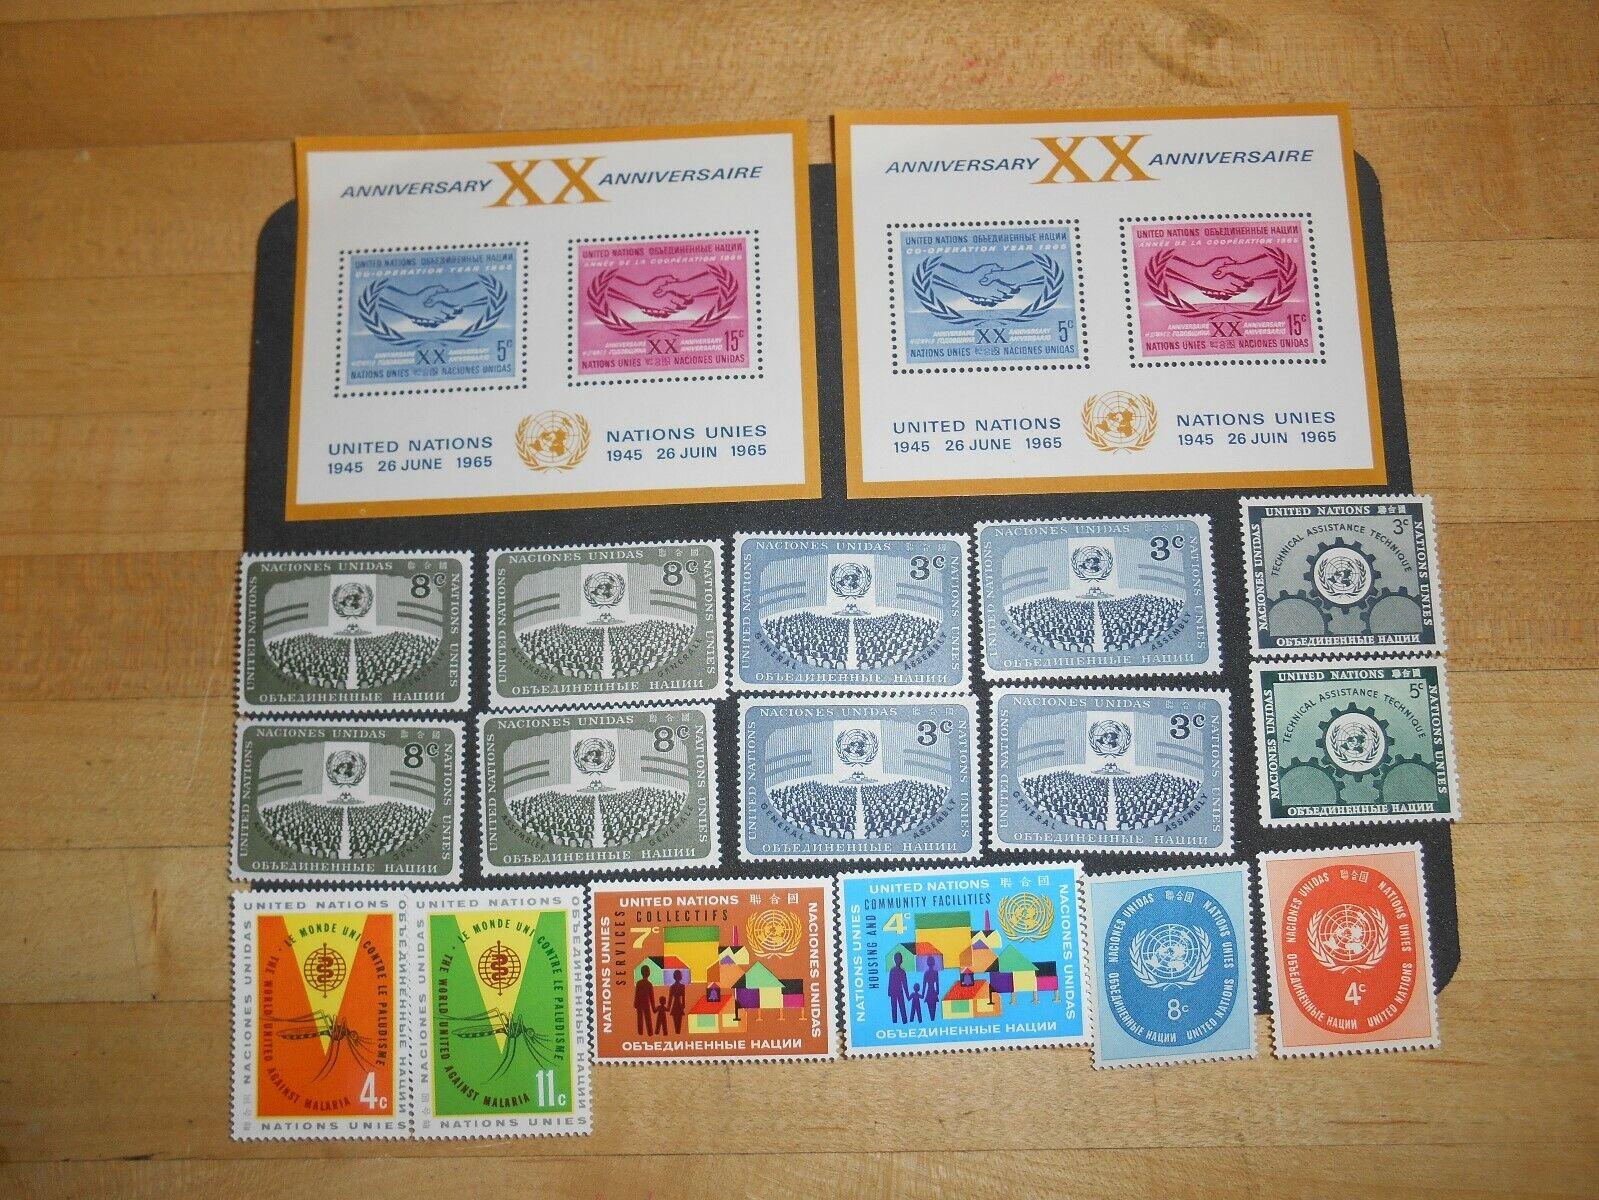 U.N. 20th Anniversary 1965 Sc UN145. U.N 102-103, 63-64, 19-20, 45-46, MNH. - $3.00